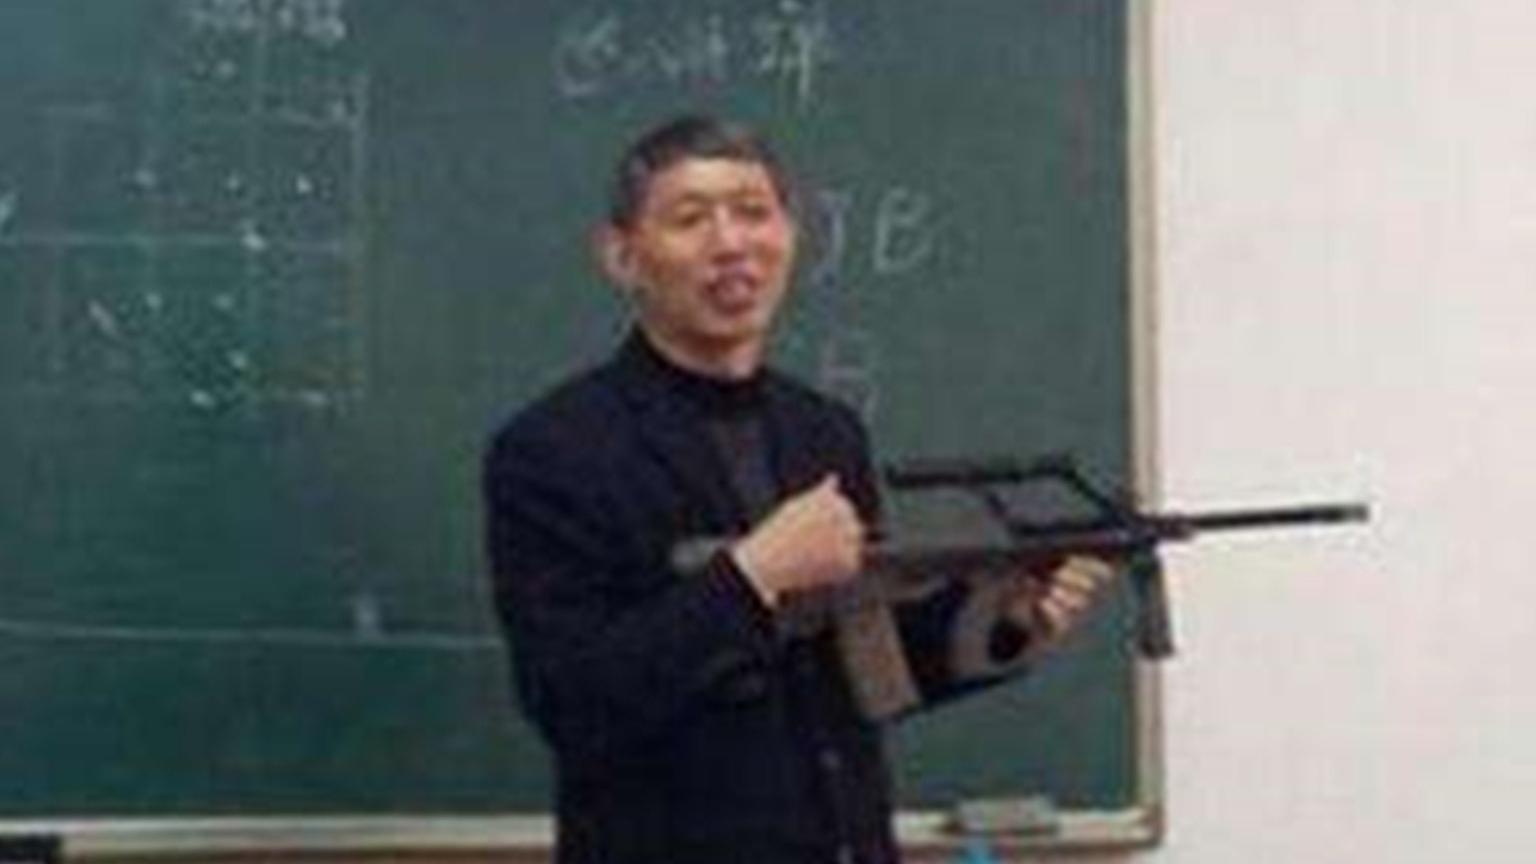 老师:珍惜这段网课时光吧,返校后看我弄不弄你们就完了